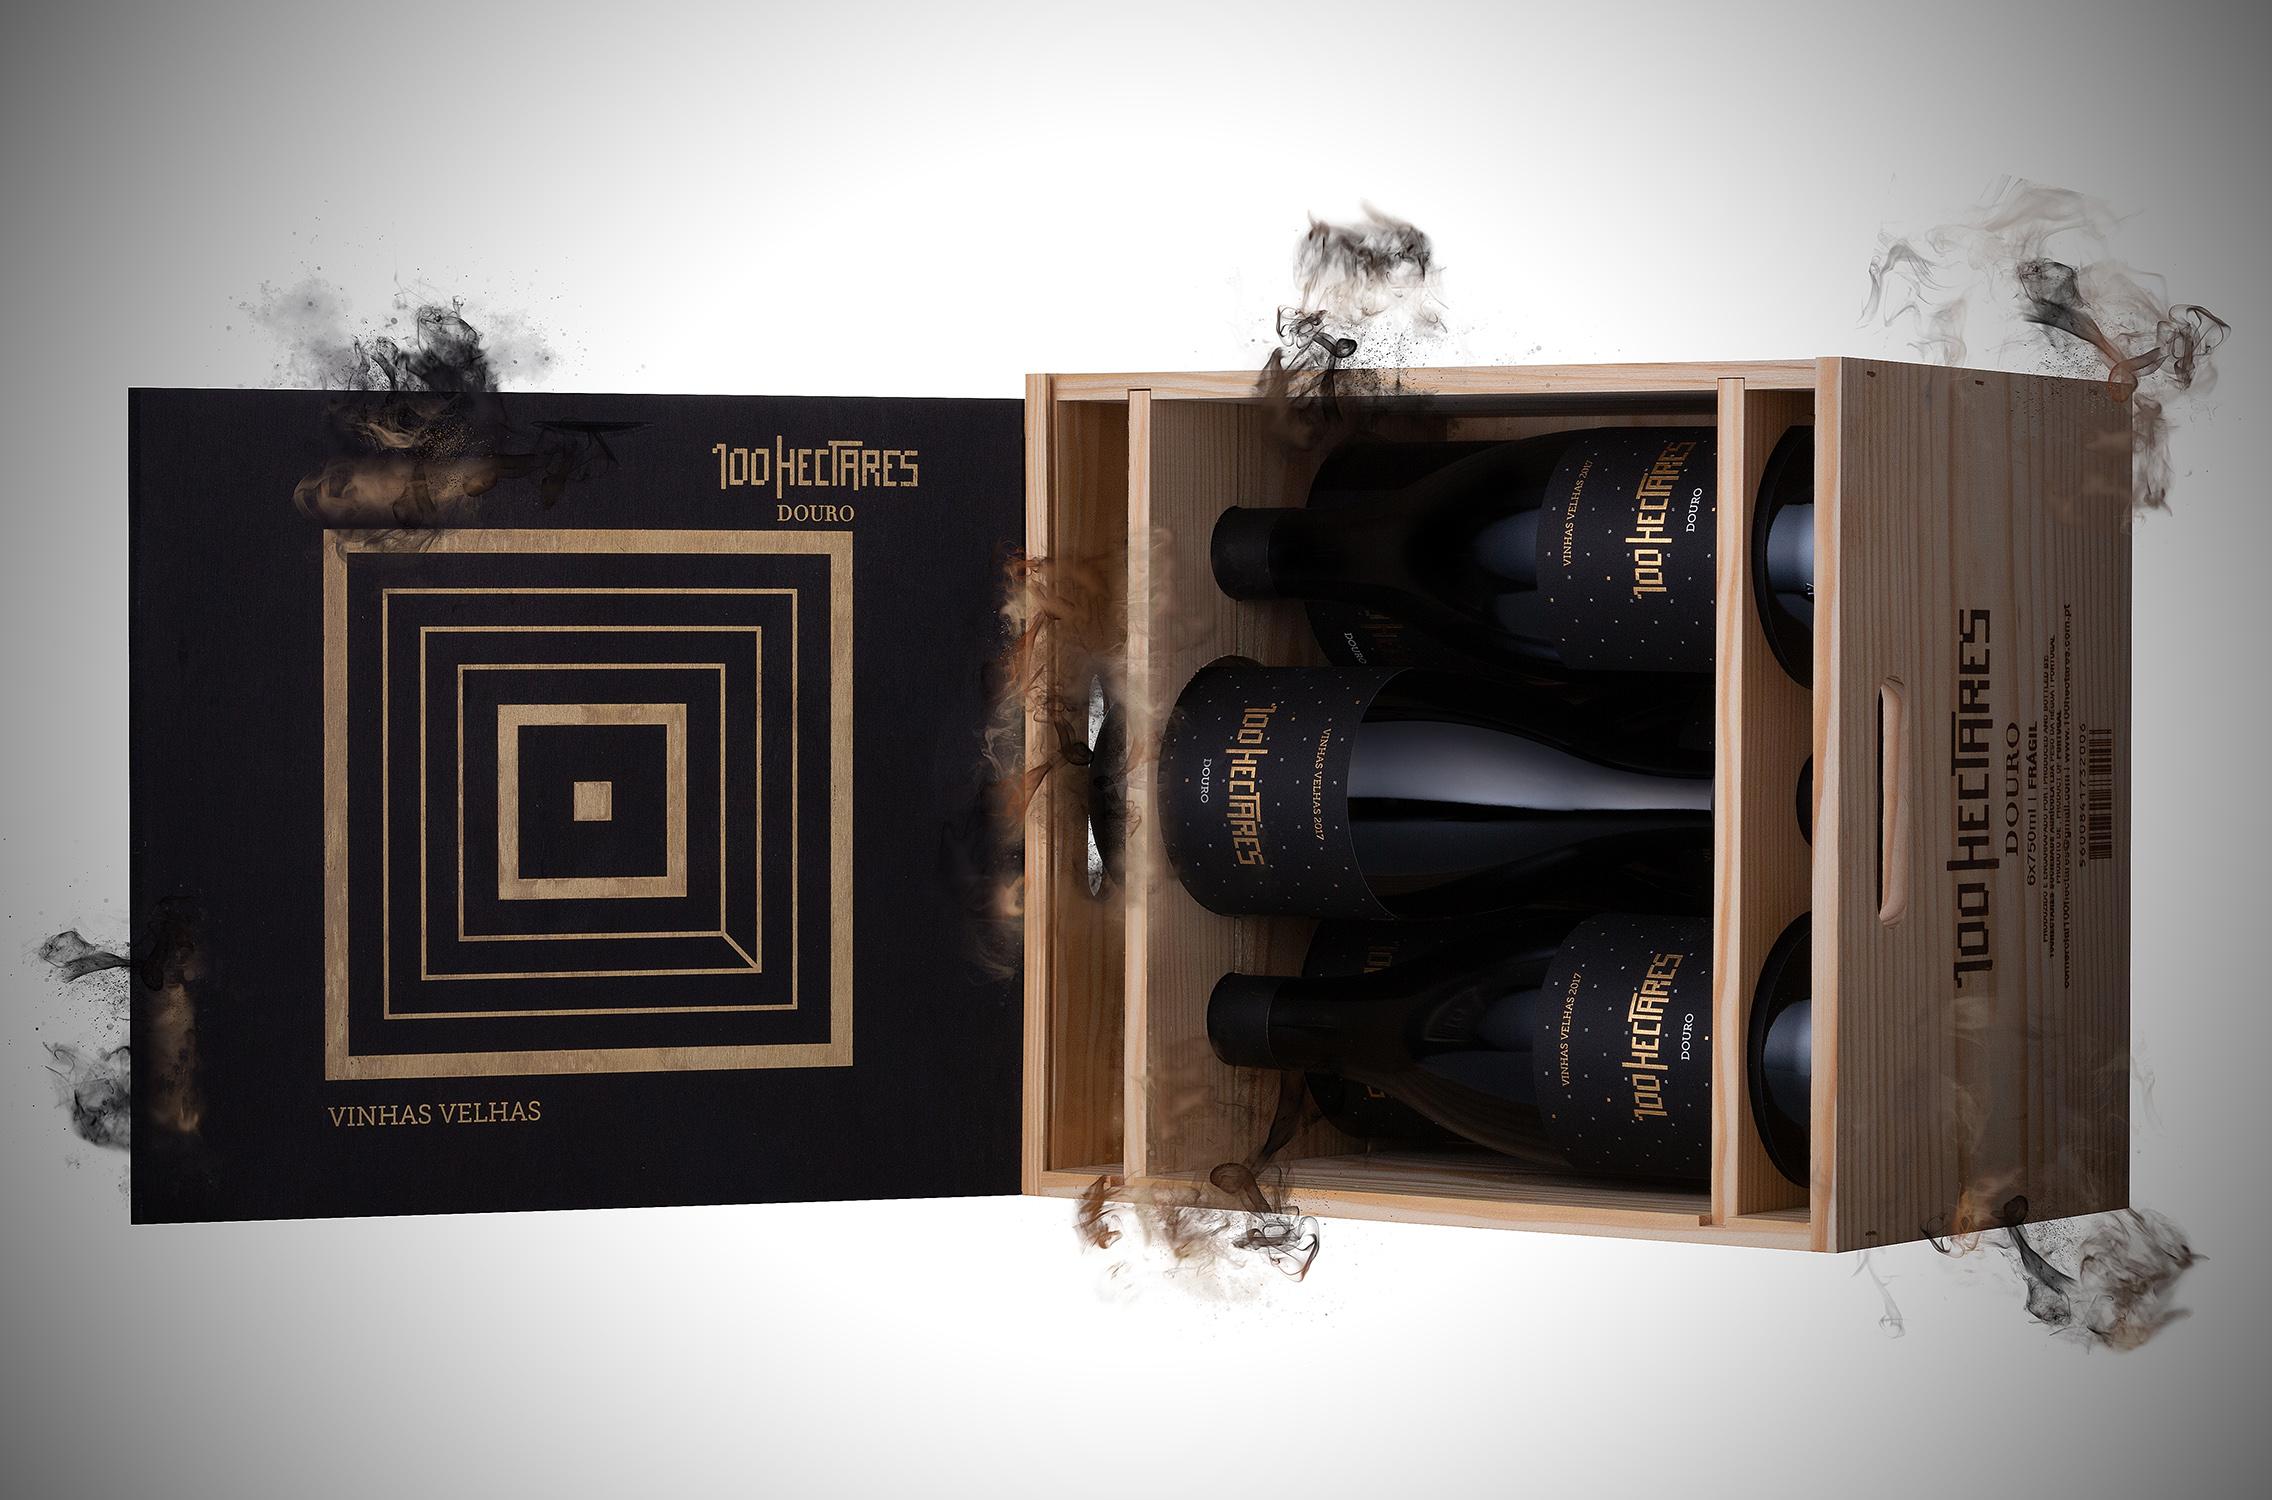 100 hectares, vinhas velhas, ruidacruz, fotografia de produto, douro, região demarcada do douro, vinho